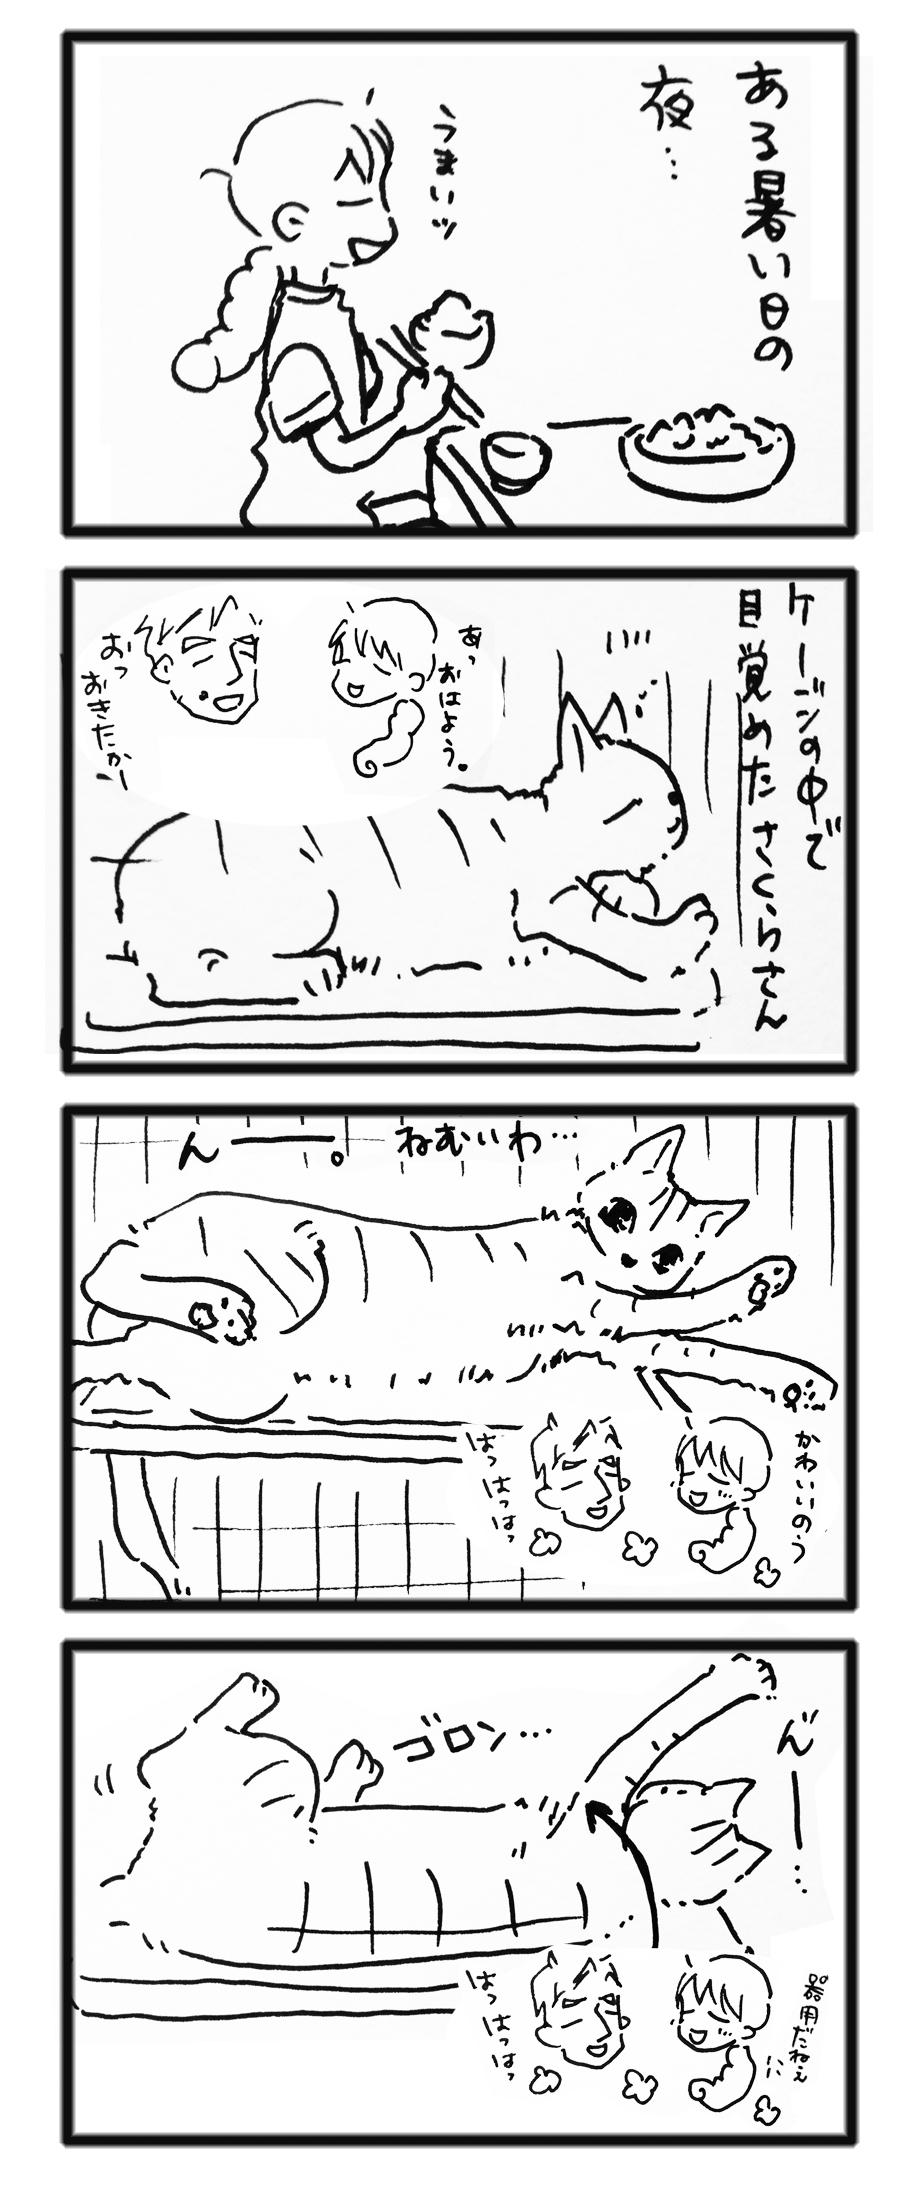 comic_20130812_1.jpg